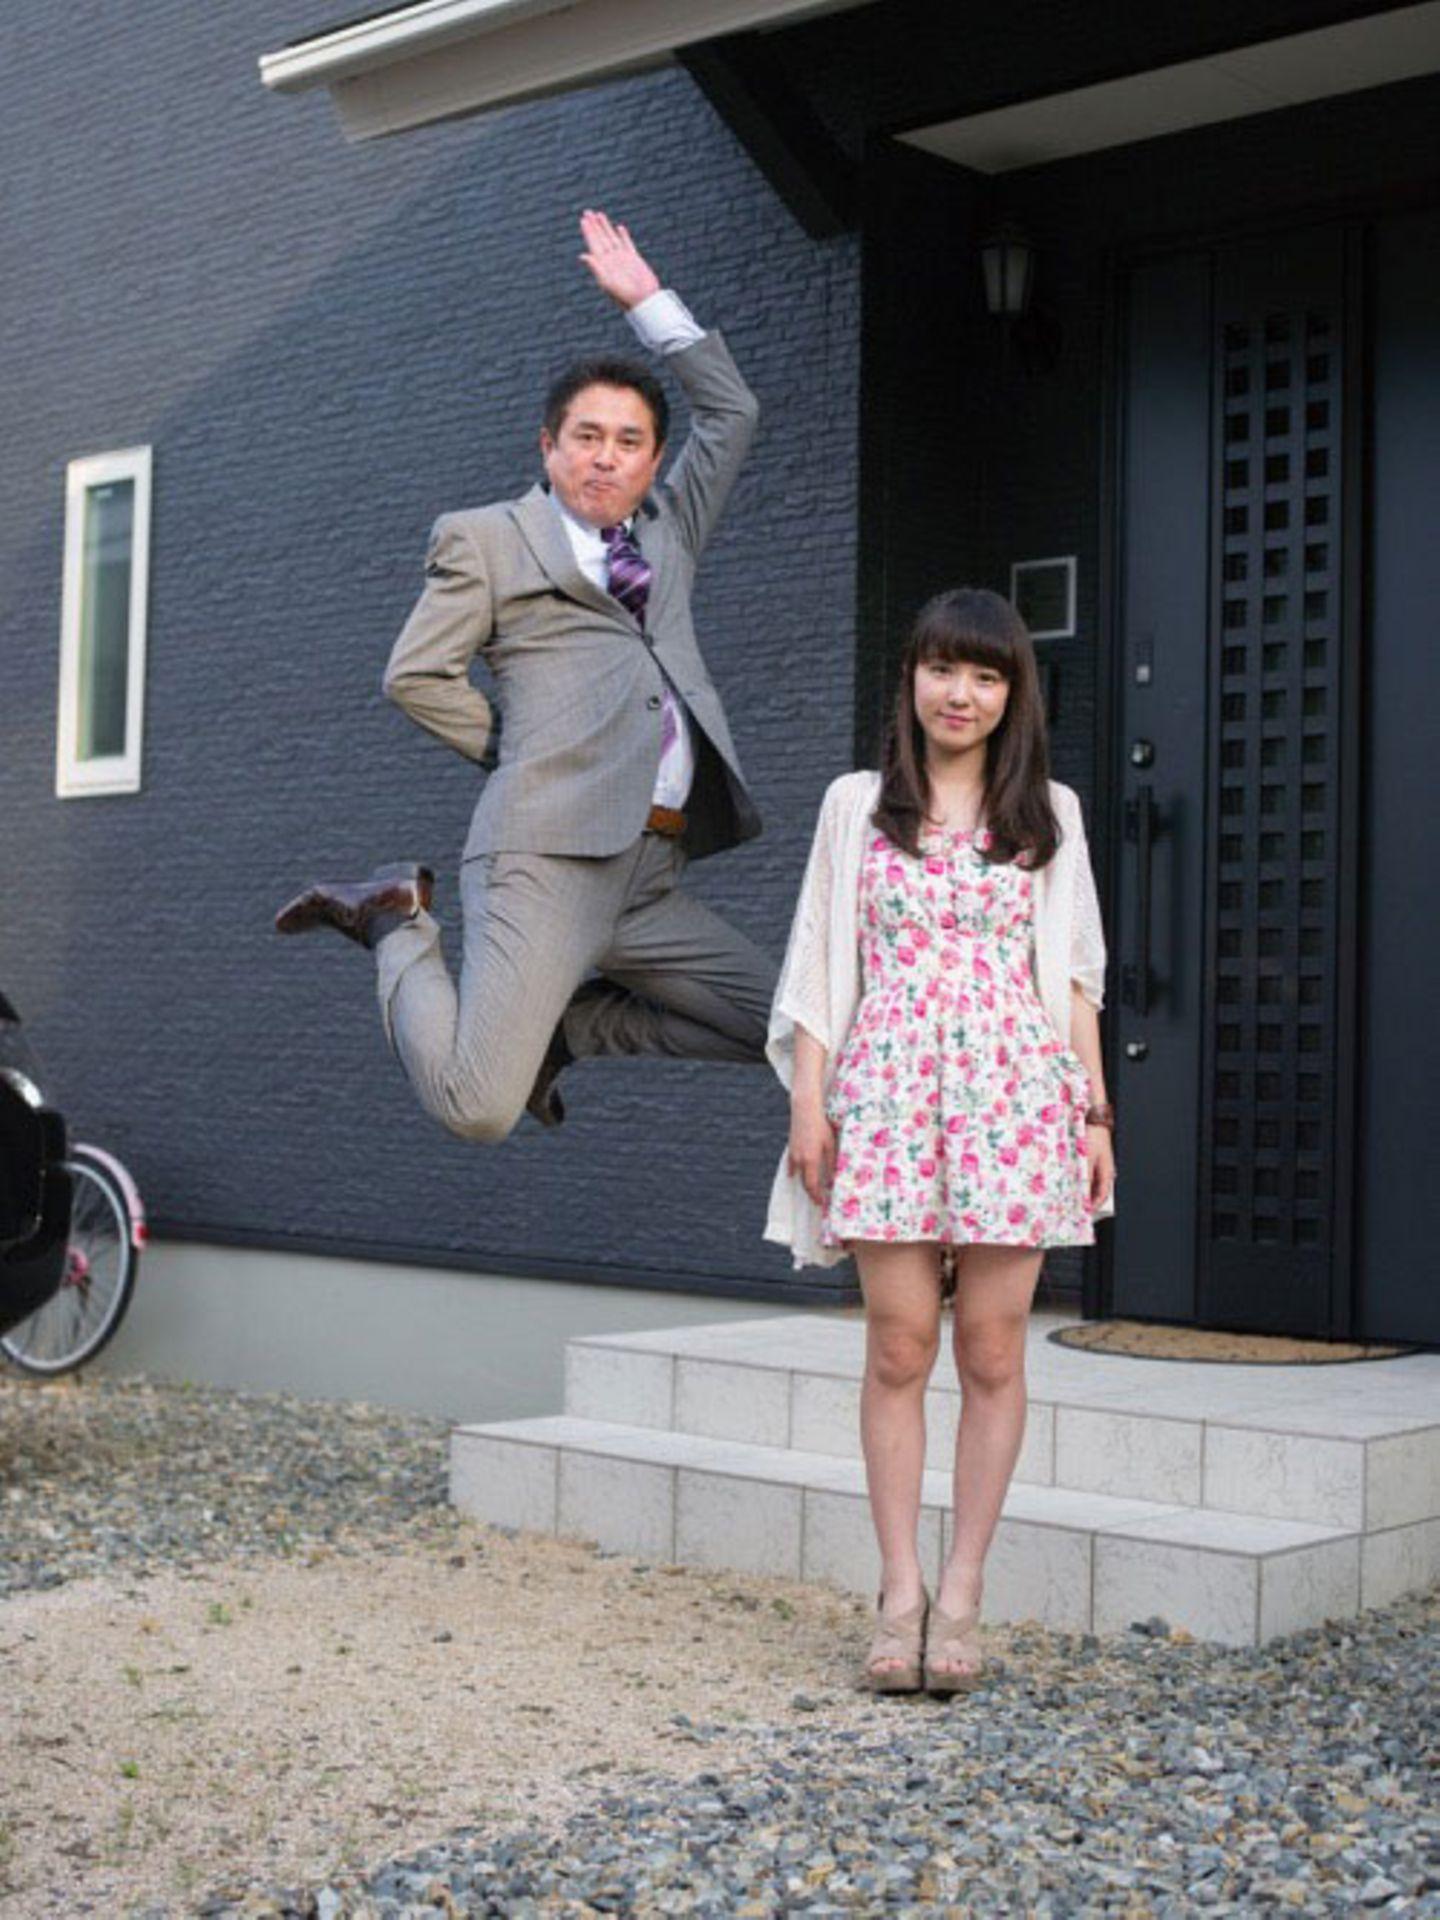 Seriöse Geschäftsmänner springen in die Luft. Ihre Töchter sind wahlweise davon genervt oder amüsiert. Auf dem Papier ergibt dieses Konzept wenig Sinn, aber als Foto wird das Motiv plötzlich wahnsinnig lustig.